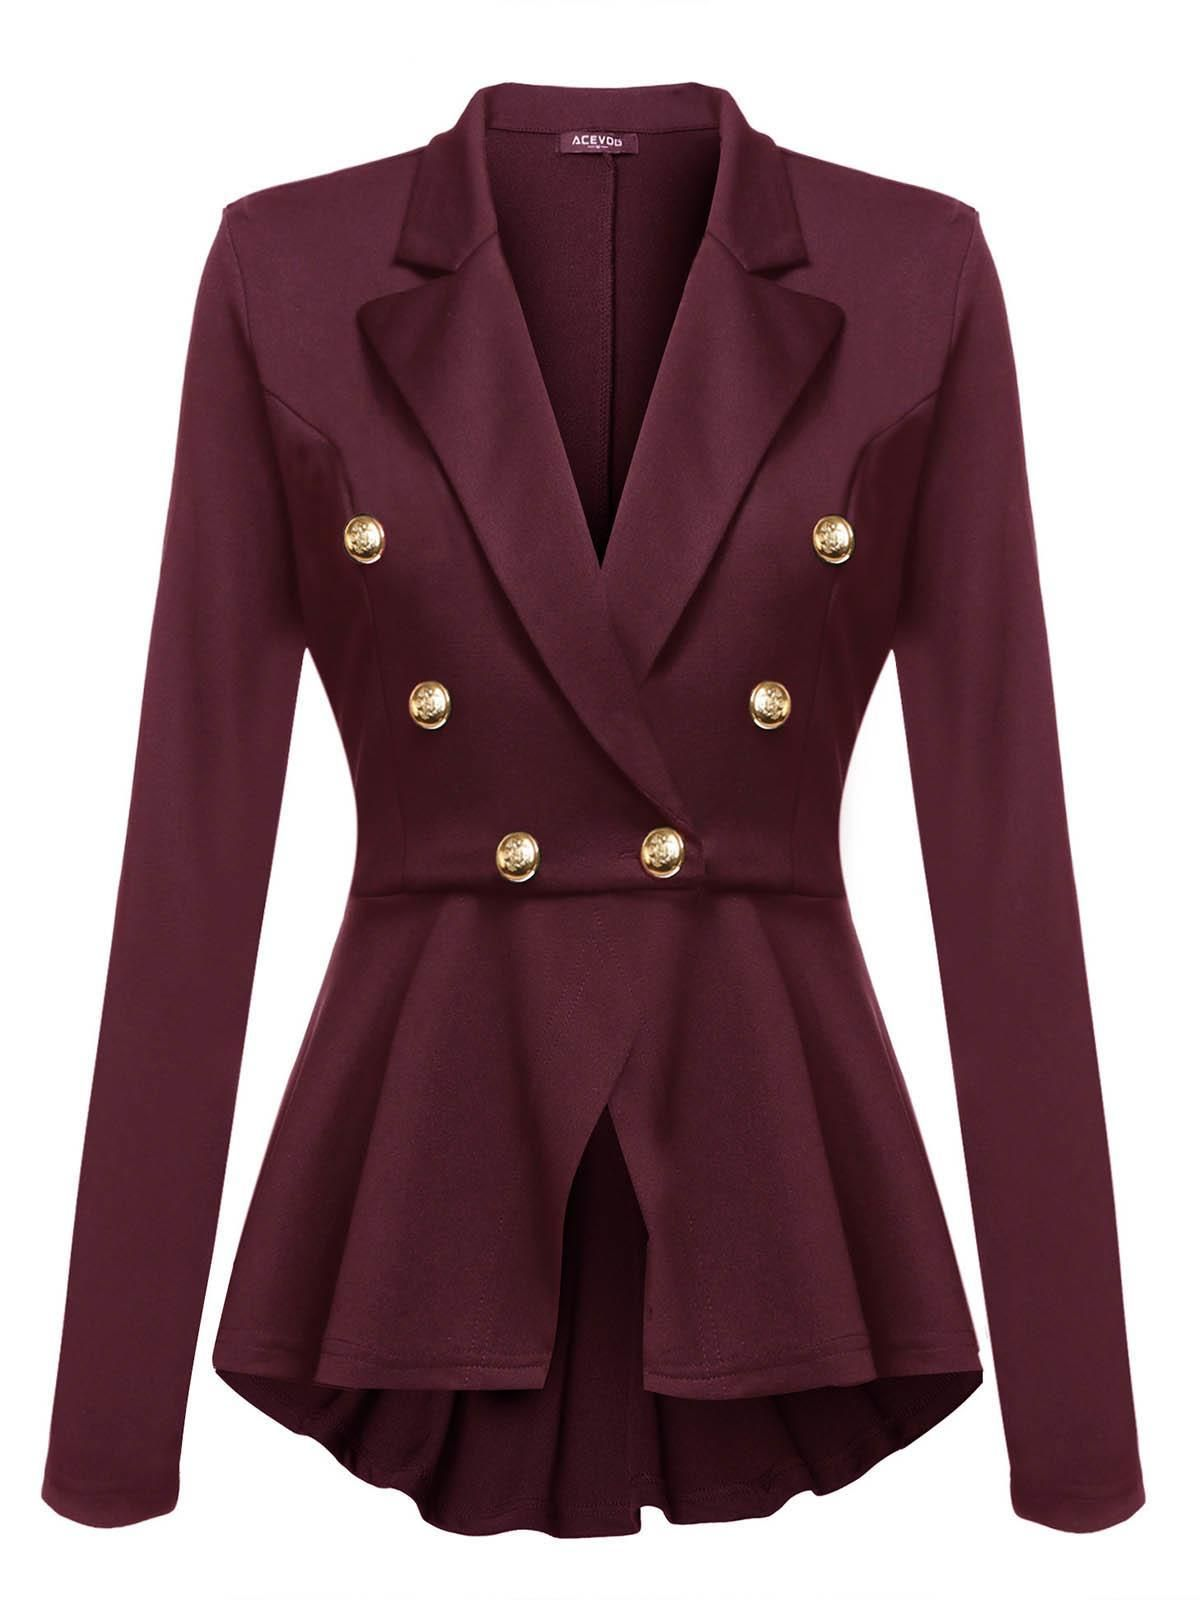 c09309e5e1 Rojo de vino Blazer Casual Peplum Slim Fit manga larga para mujer  dresslink.com